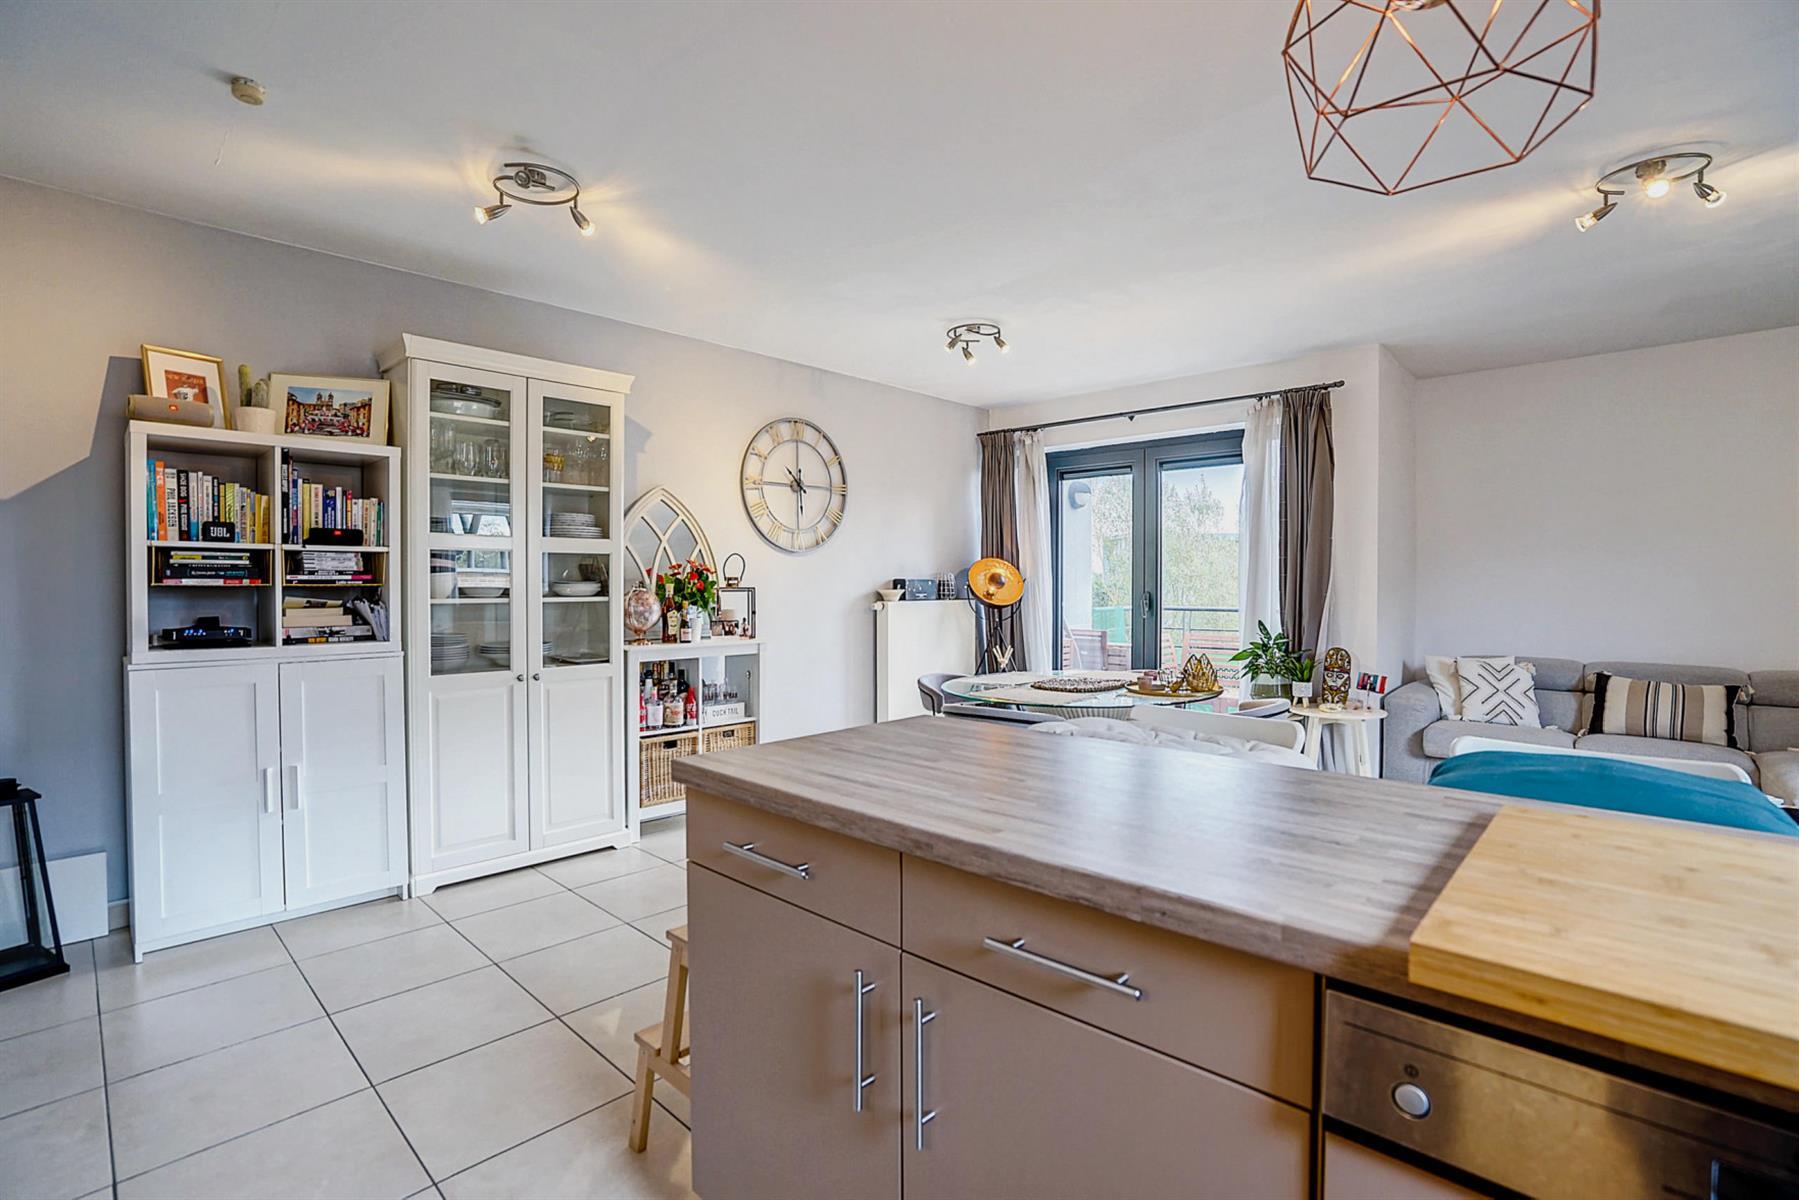 Appartement - Ottignies-louvain-la-neuve - #4505964-13